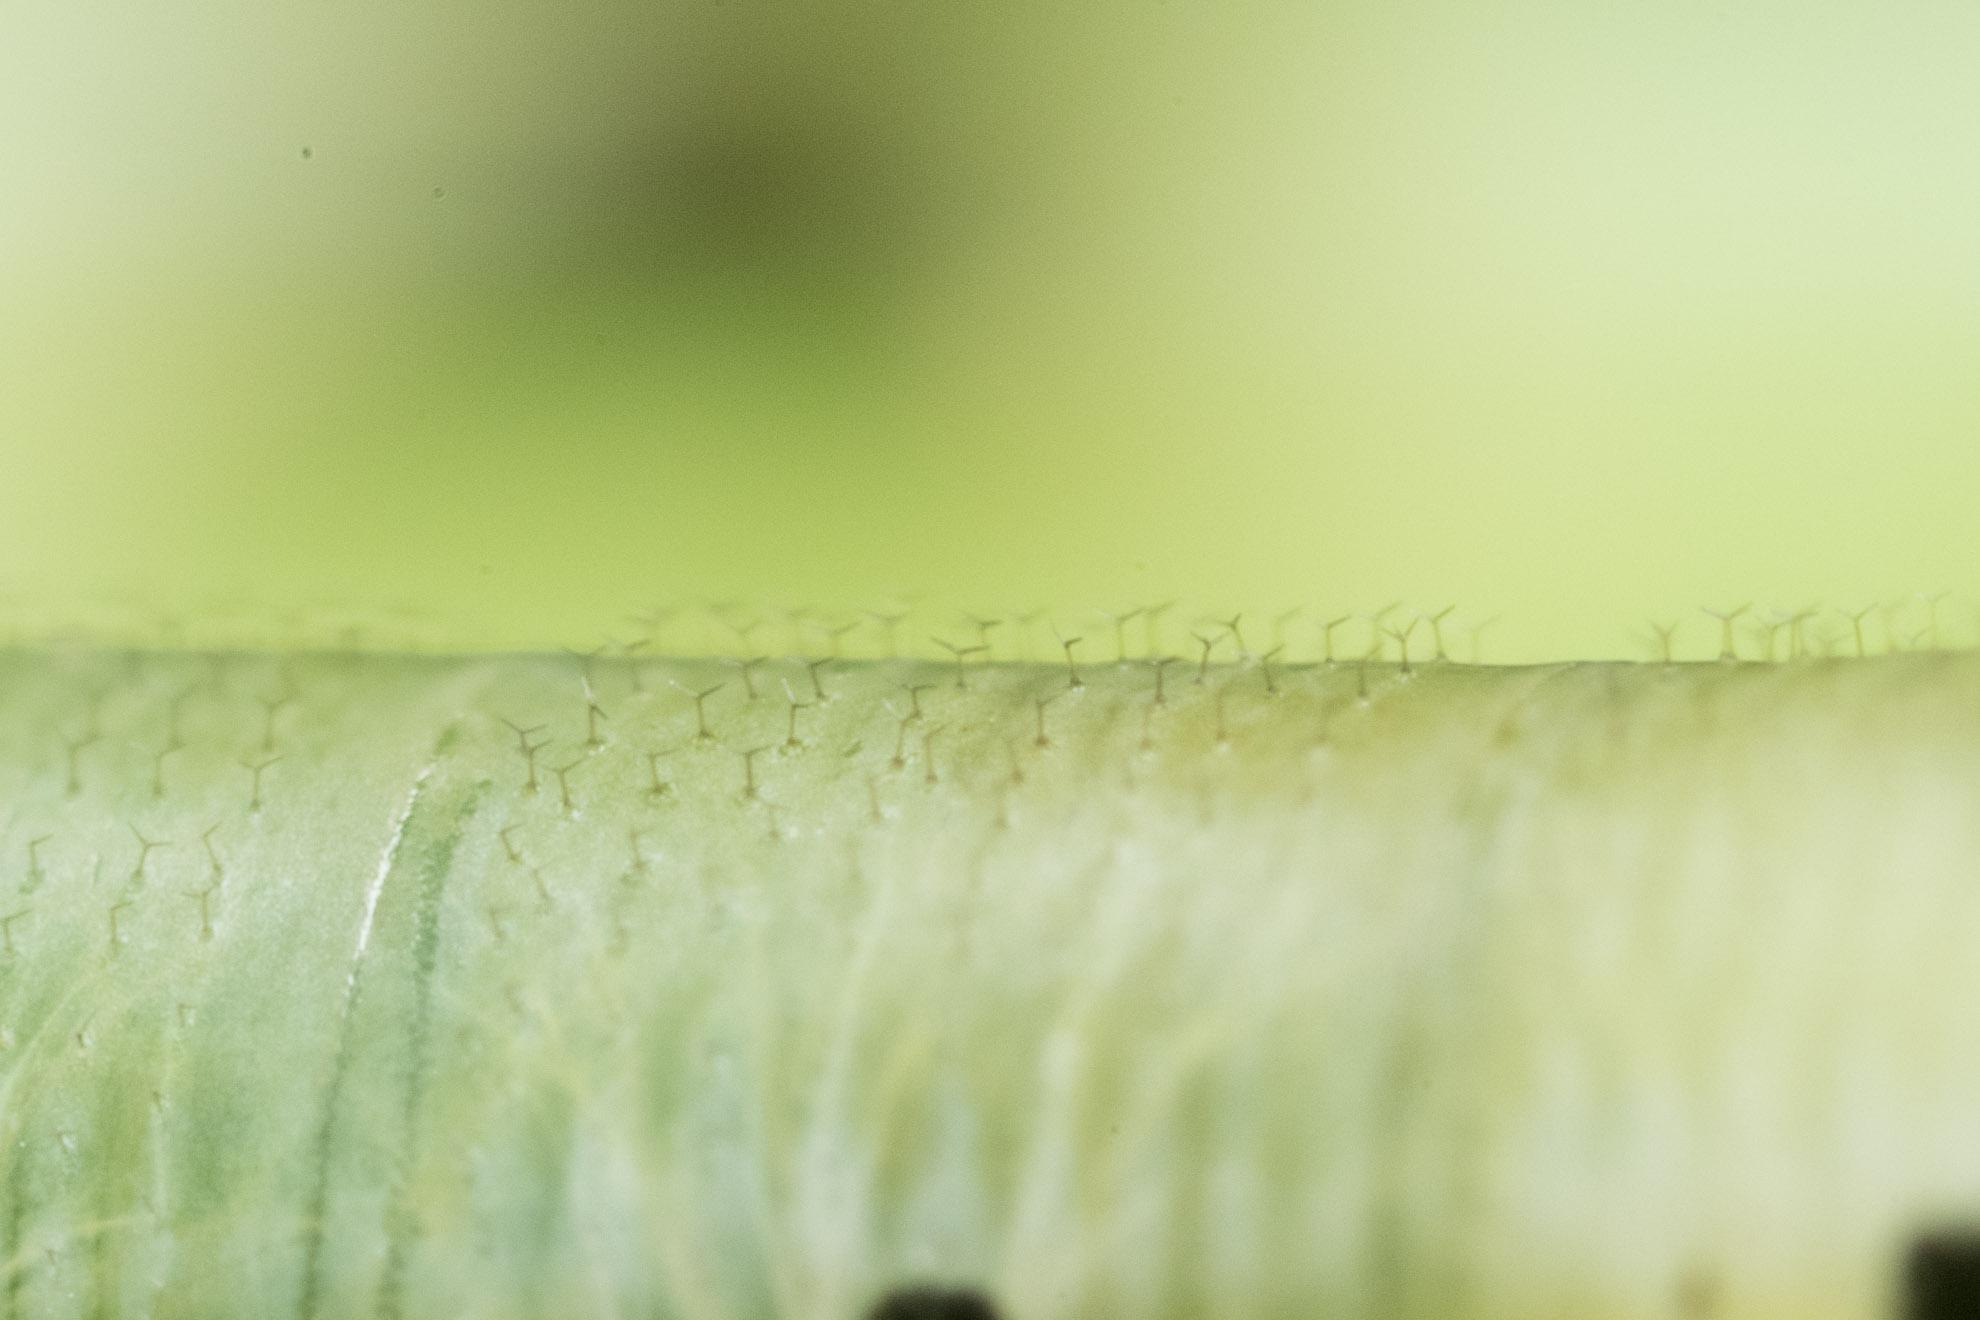 オオスカシバの幼虫の若齢の背中の毛